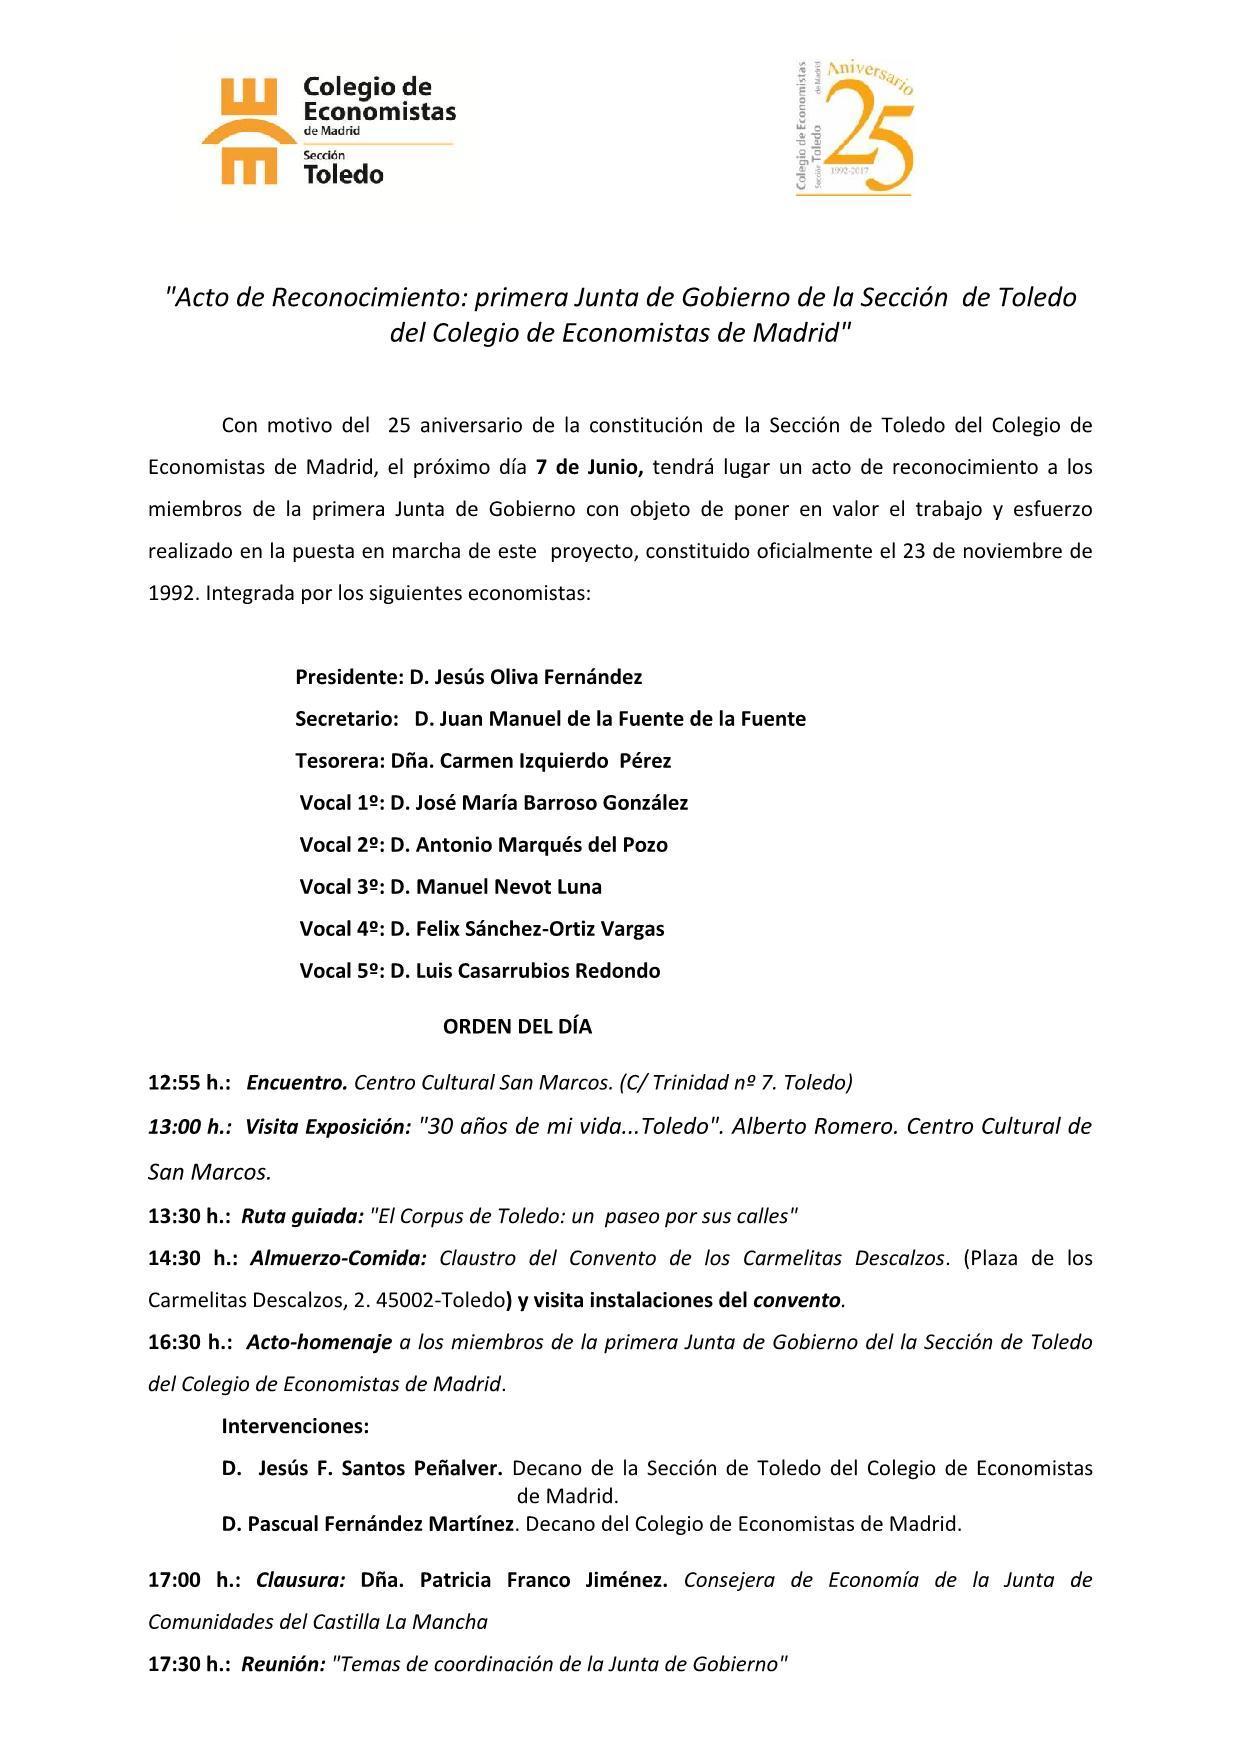 Programación Acto Sección Toledo. (XXV Aniversario). 7 de junio_1 ...